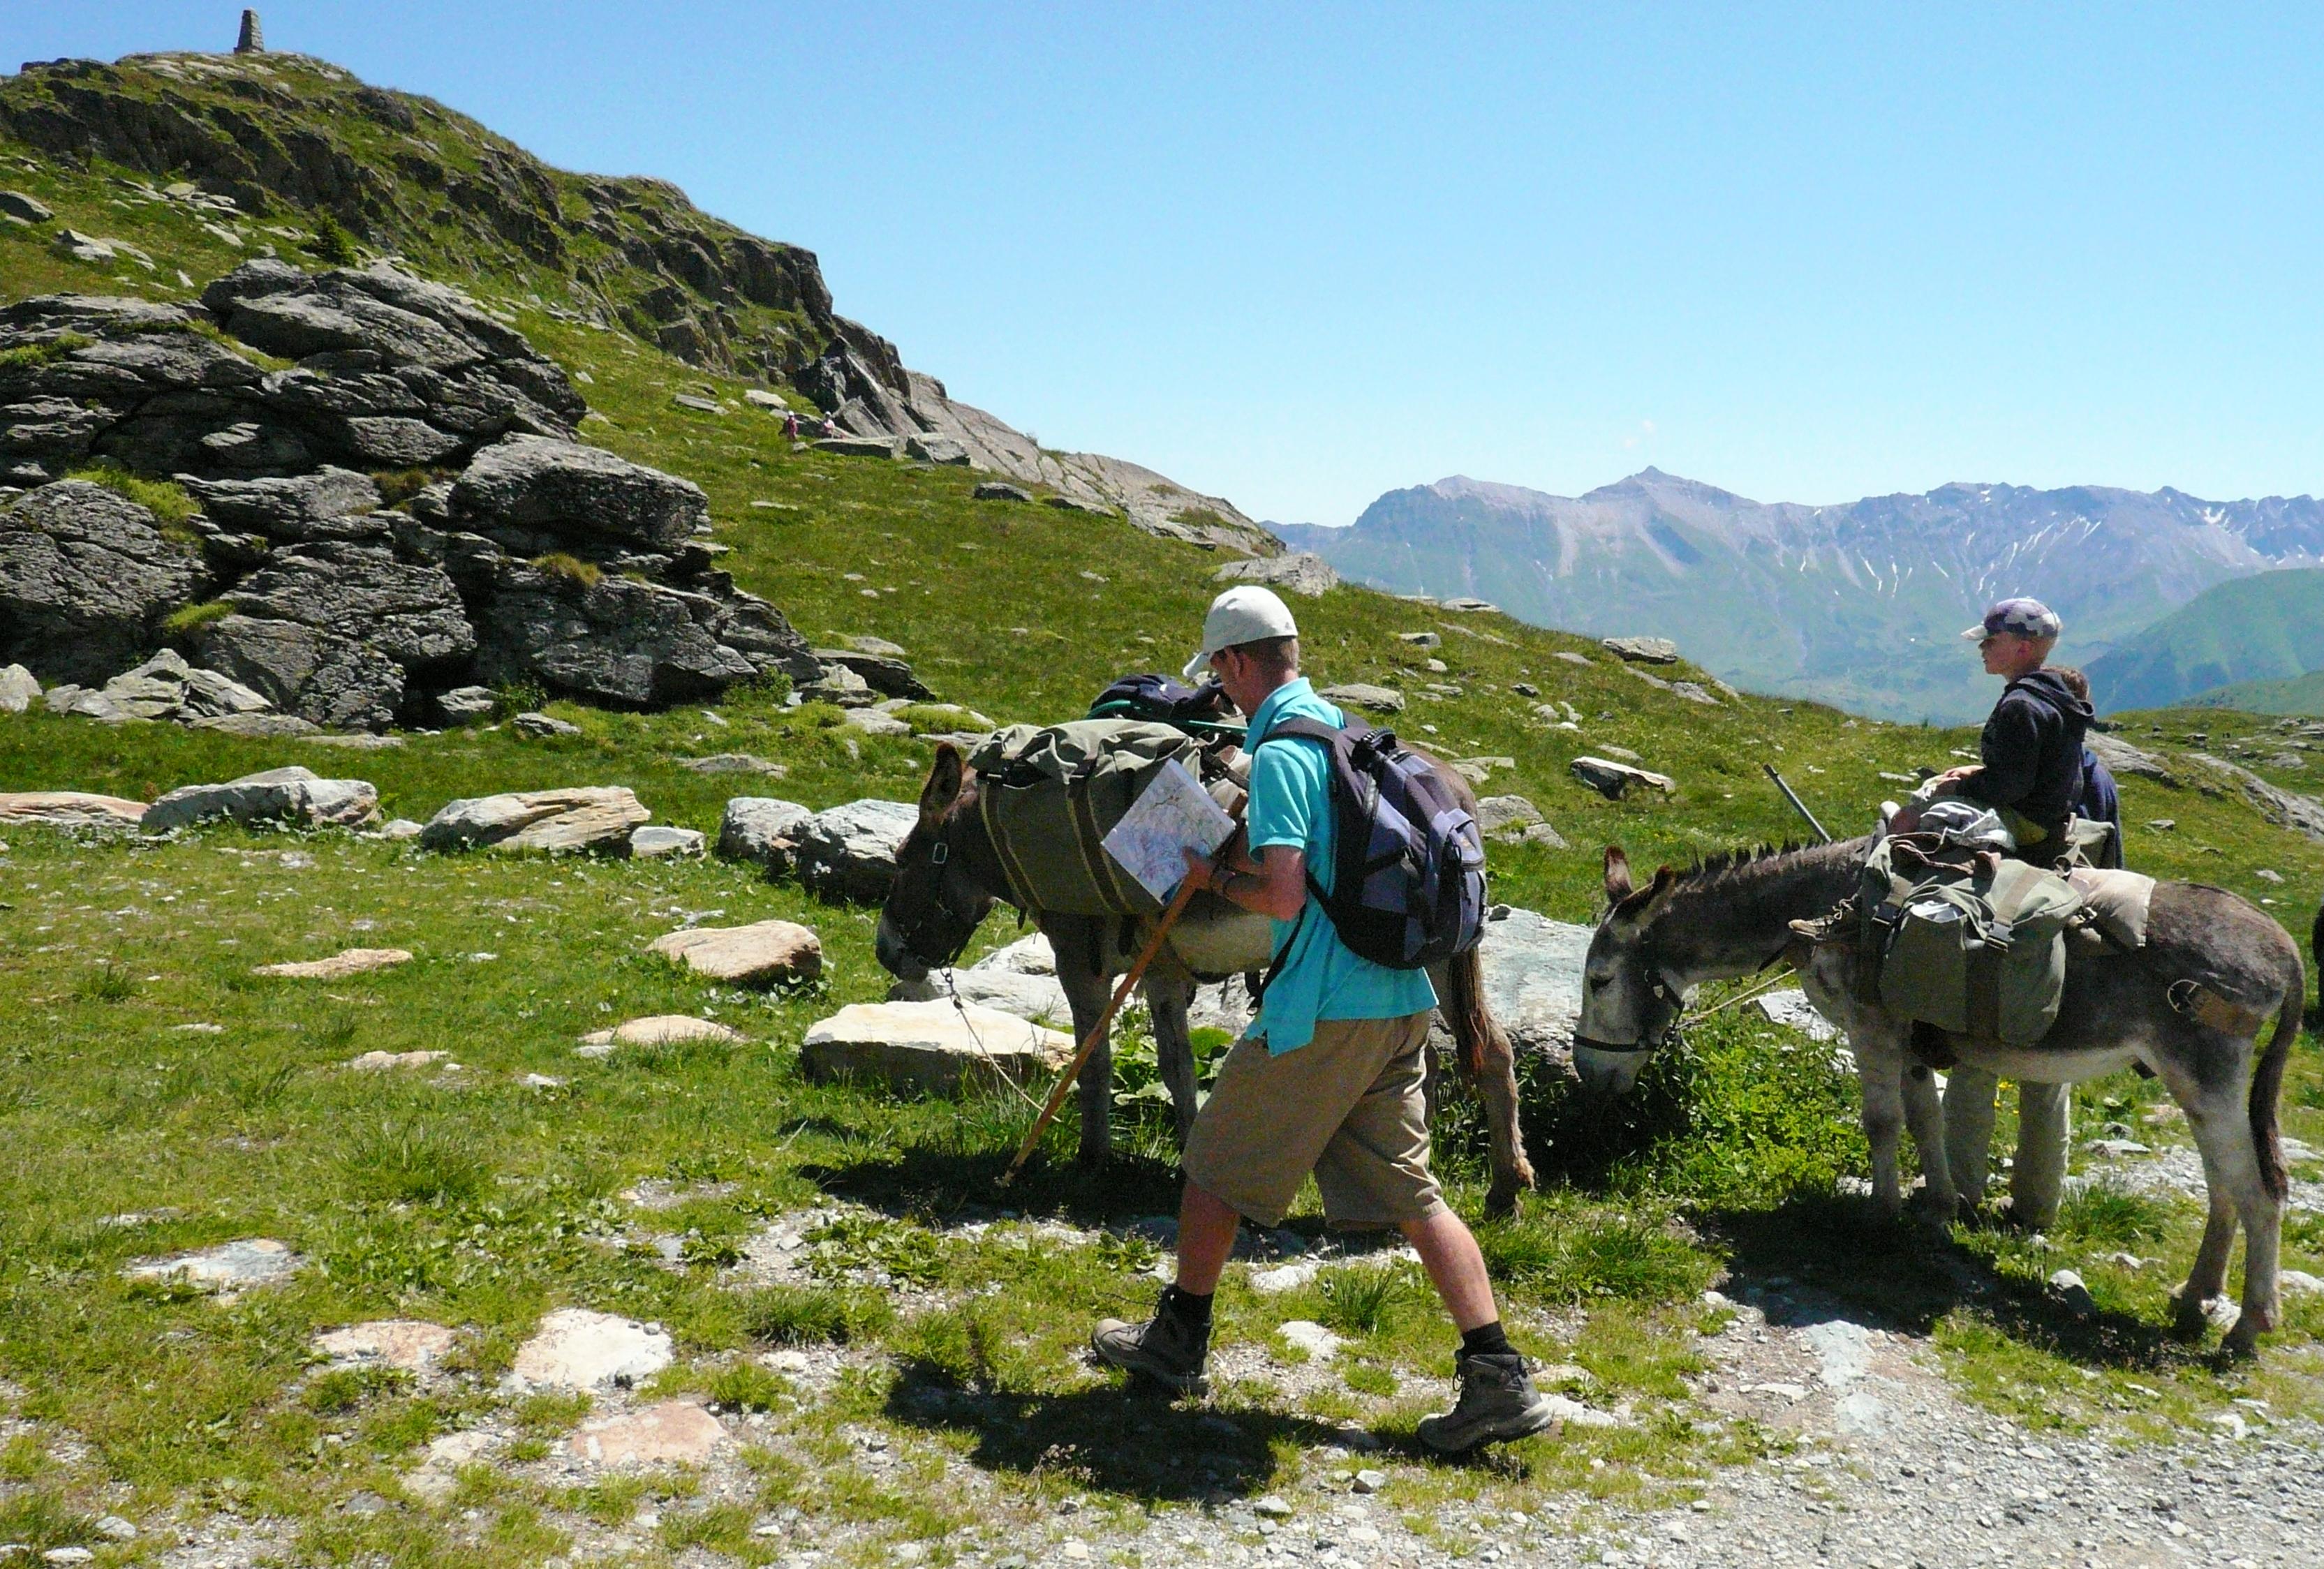 Hiking with donkeys © Office de Tourisme de Saint Sorlin d'Arves